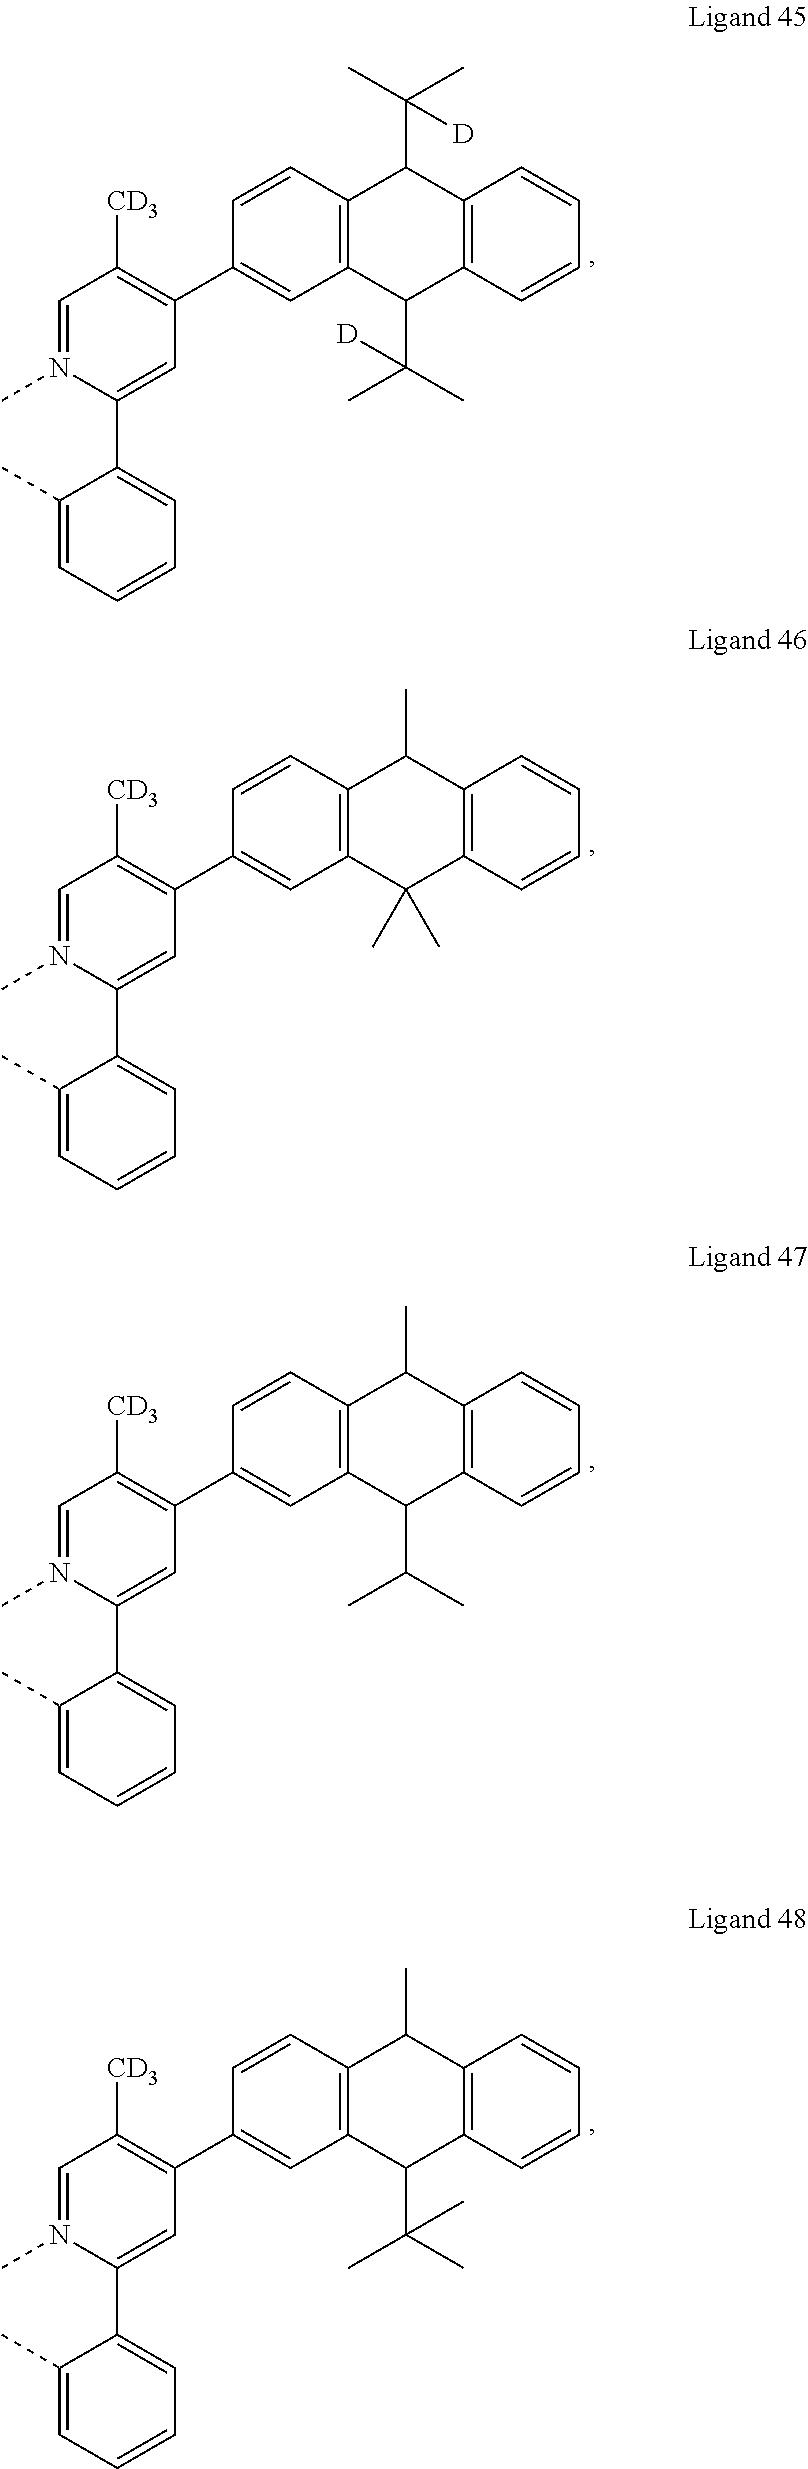 Figure US20180130962A1-20180510-C00041